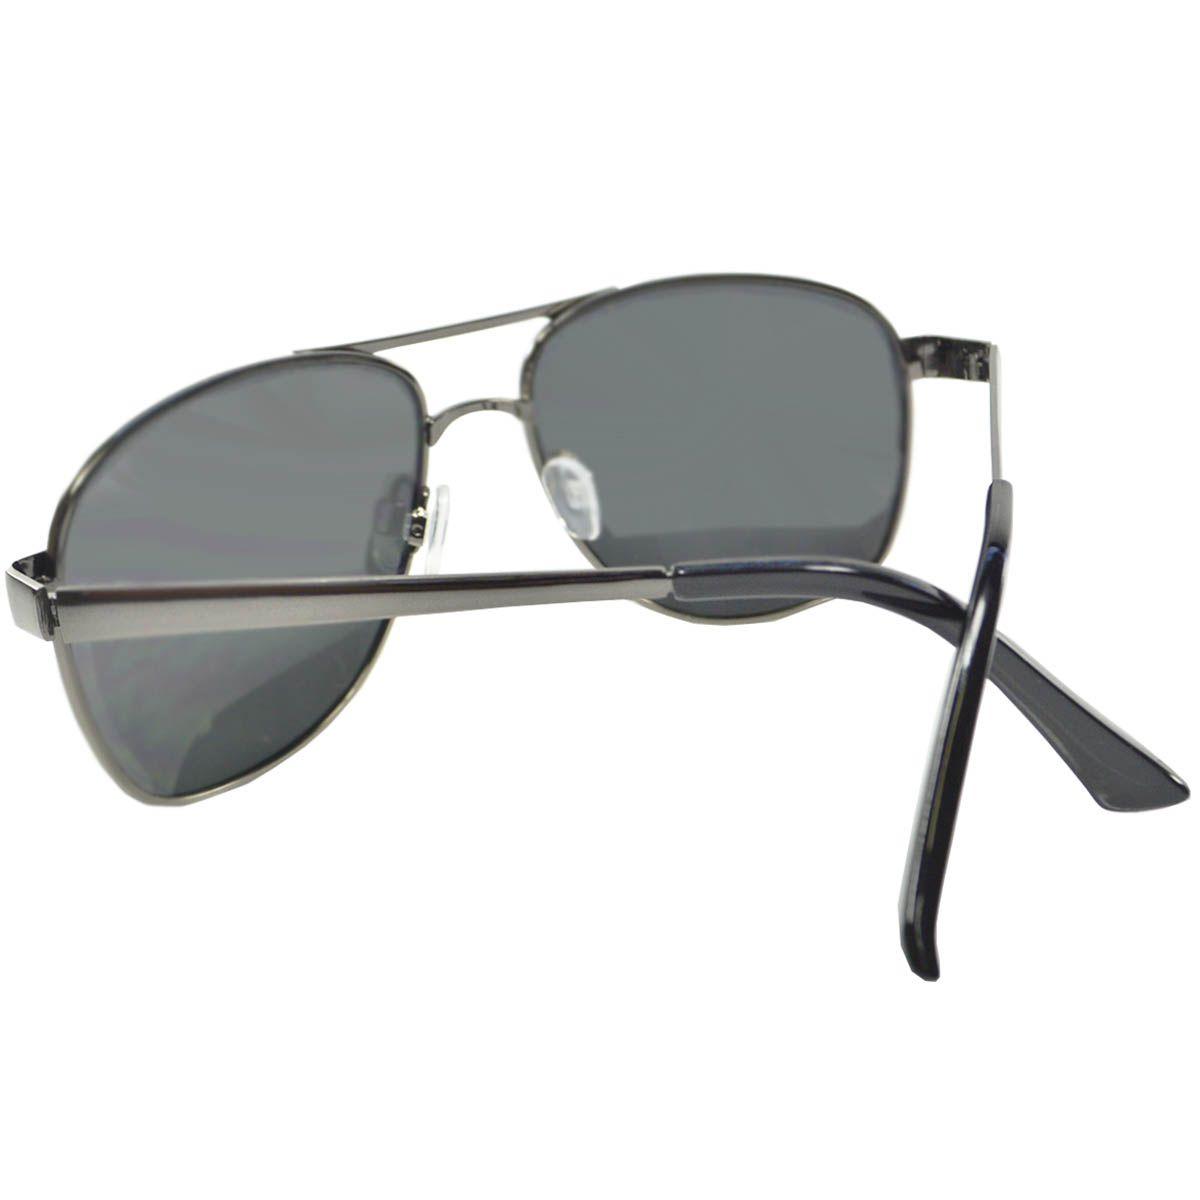 Óculos de Sol Mackage Masculino Metal Aviador - Grafite